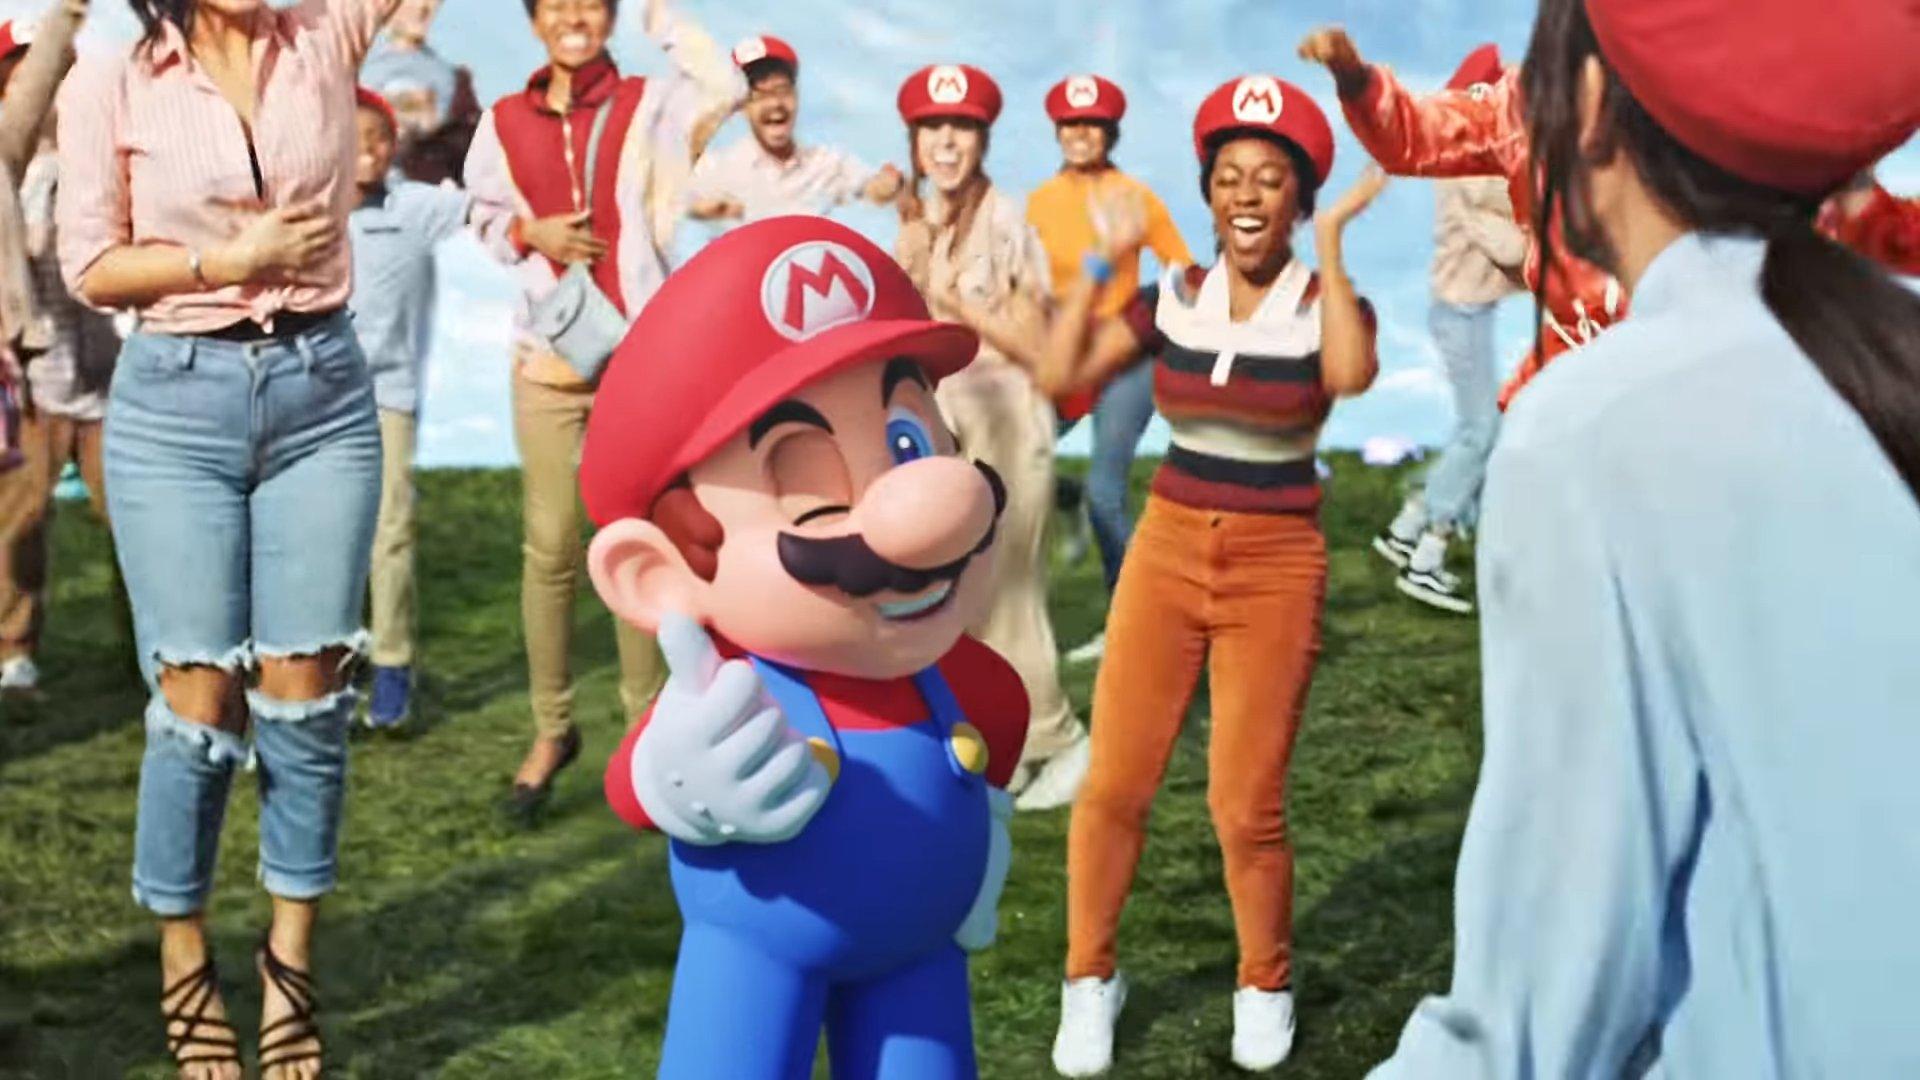 オッサン「好きなゲームはポケモン!マリオ!」←ぶっちゃけ本音言うとかなり恥ずかしいよなこれ